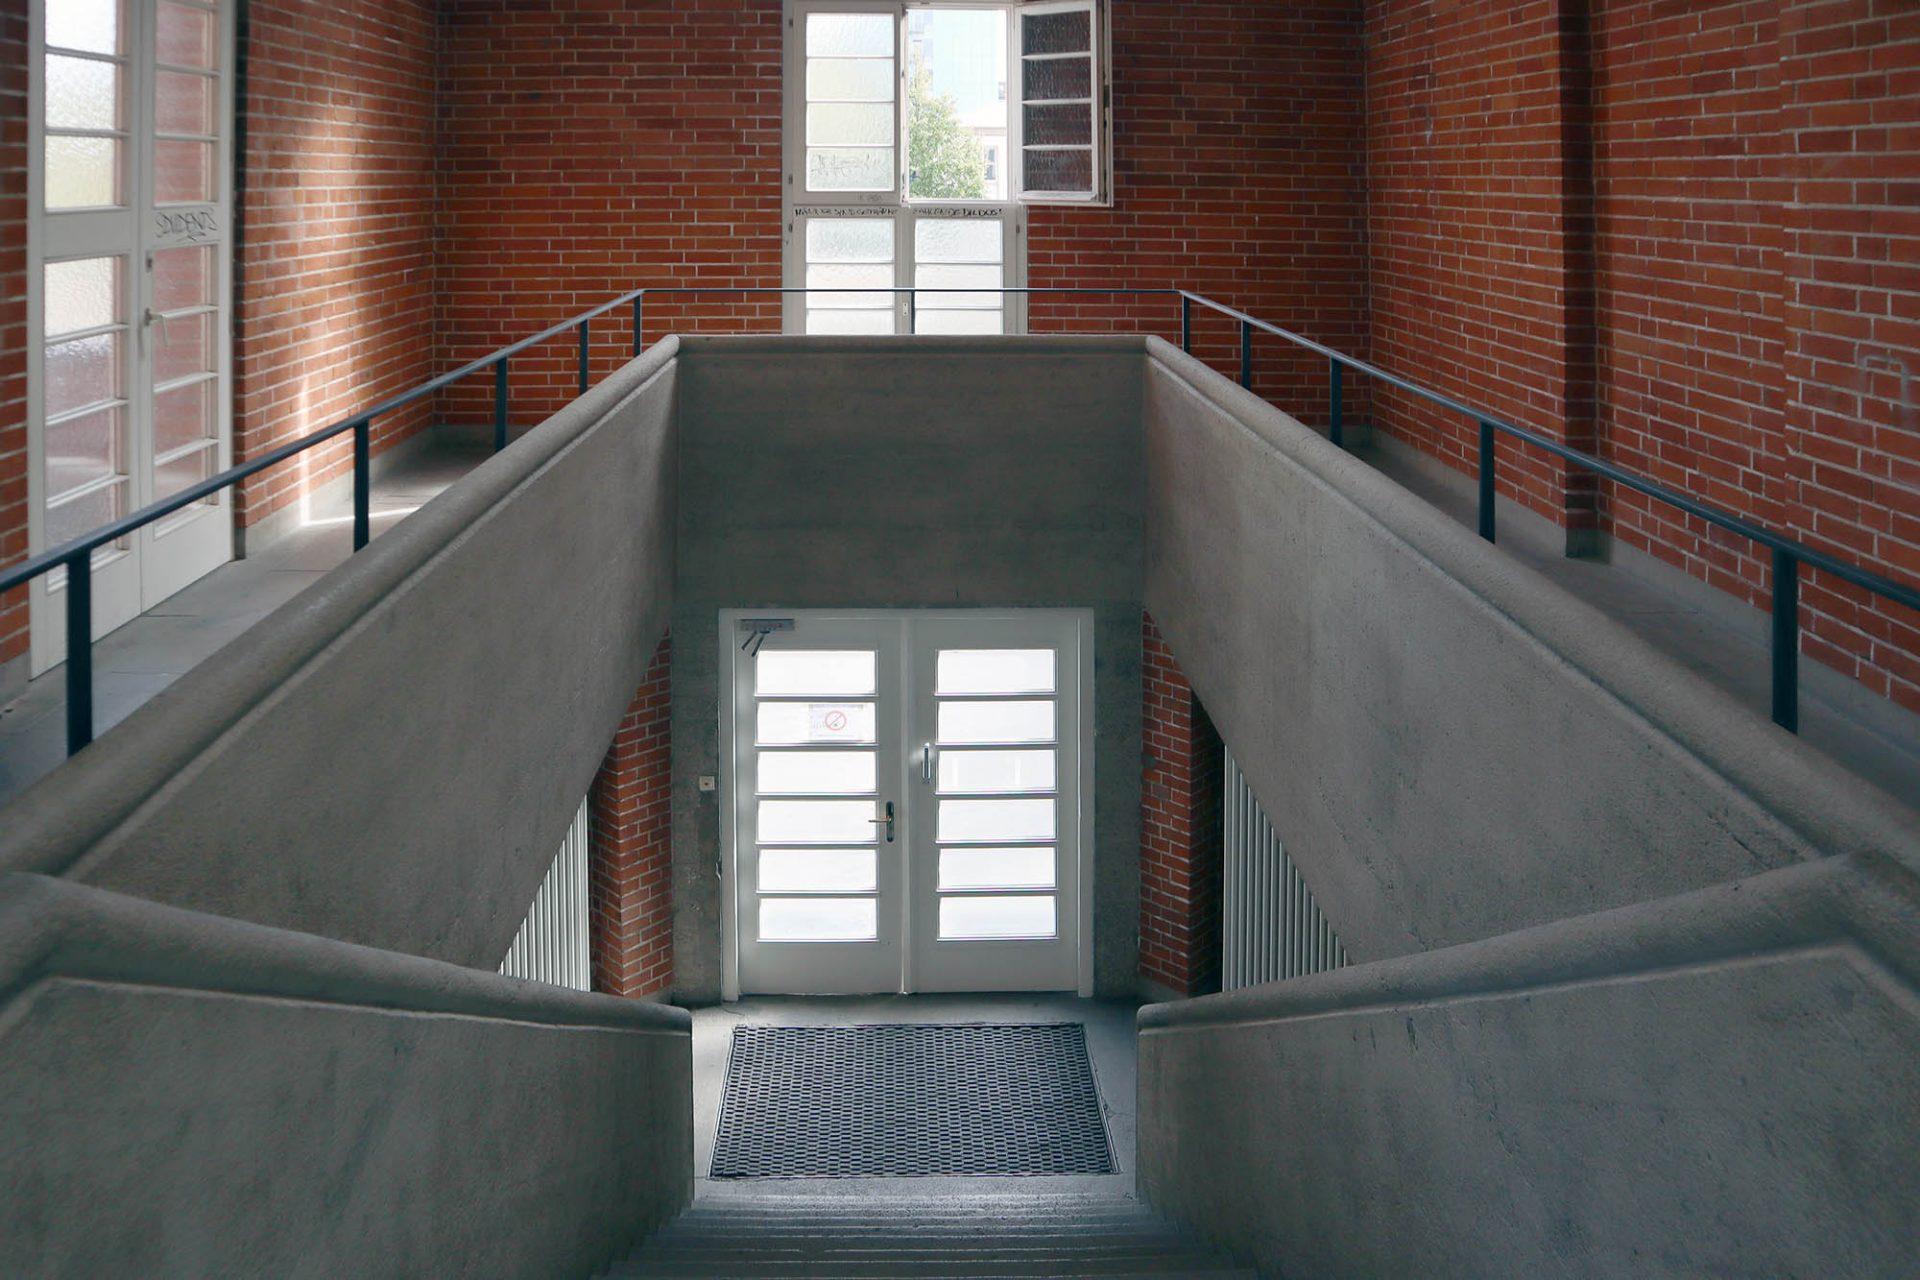 Hochschulstadion. Beton und Ziegelstein kontrastieren auch in den beiden Treppenräumen und im imposanten Gymnastiksaal unter der Tribüne.